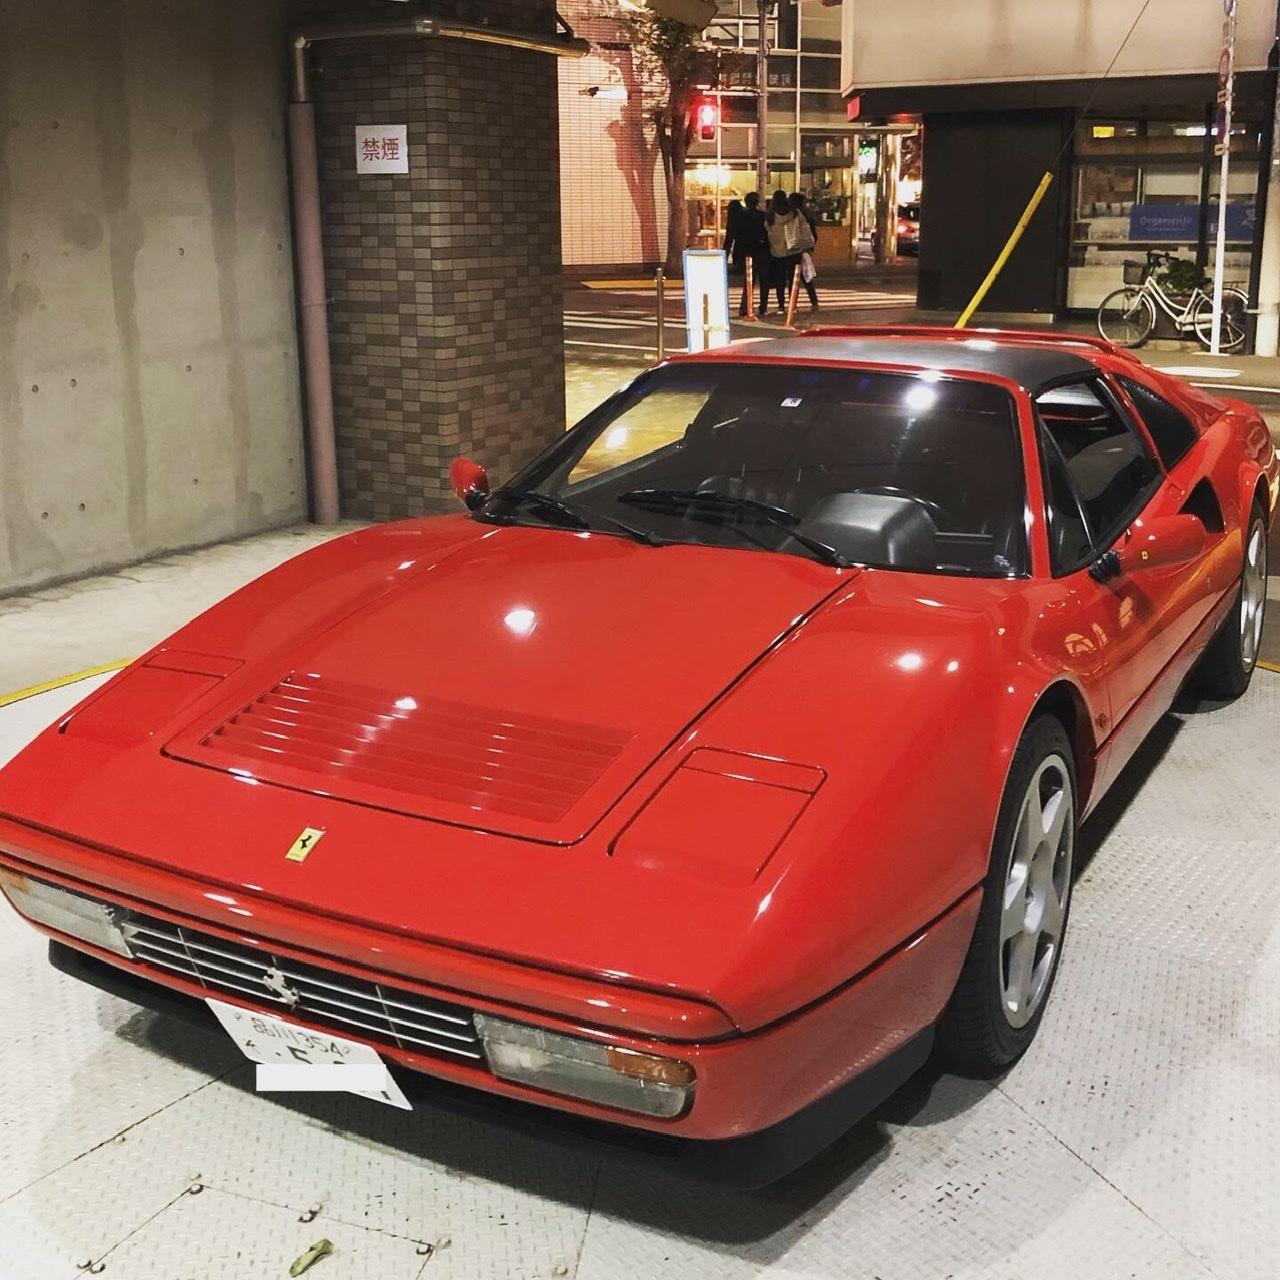 メンバー(愛車)紹介3:フェラーリ328GTS 人間が扱える最適なパワーとボディサイズを持った楽しい車を紹介します!